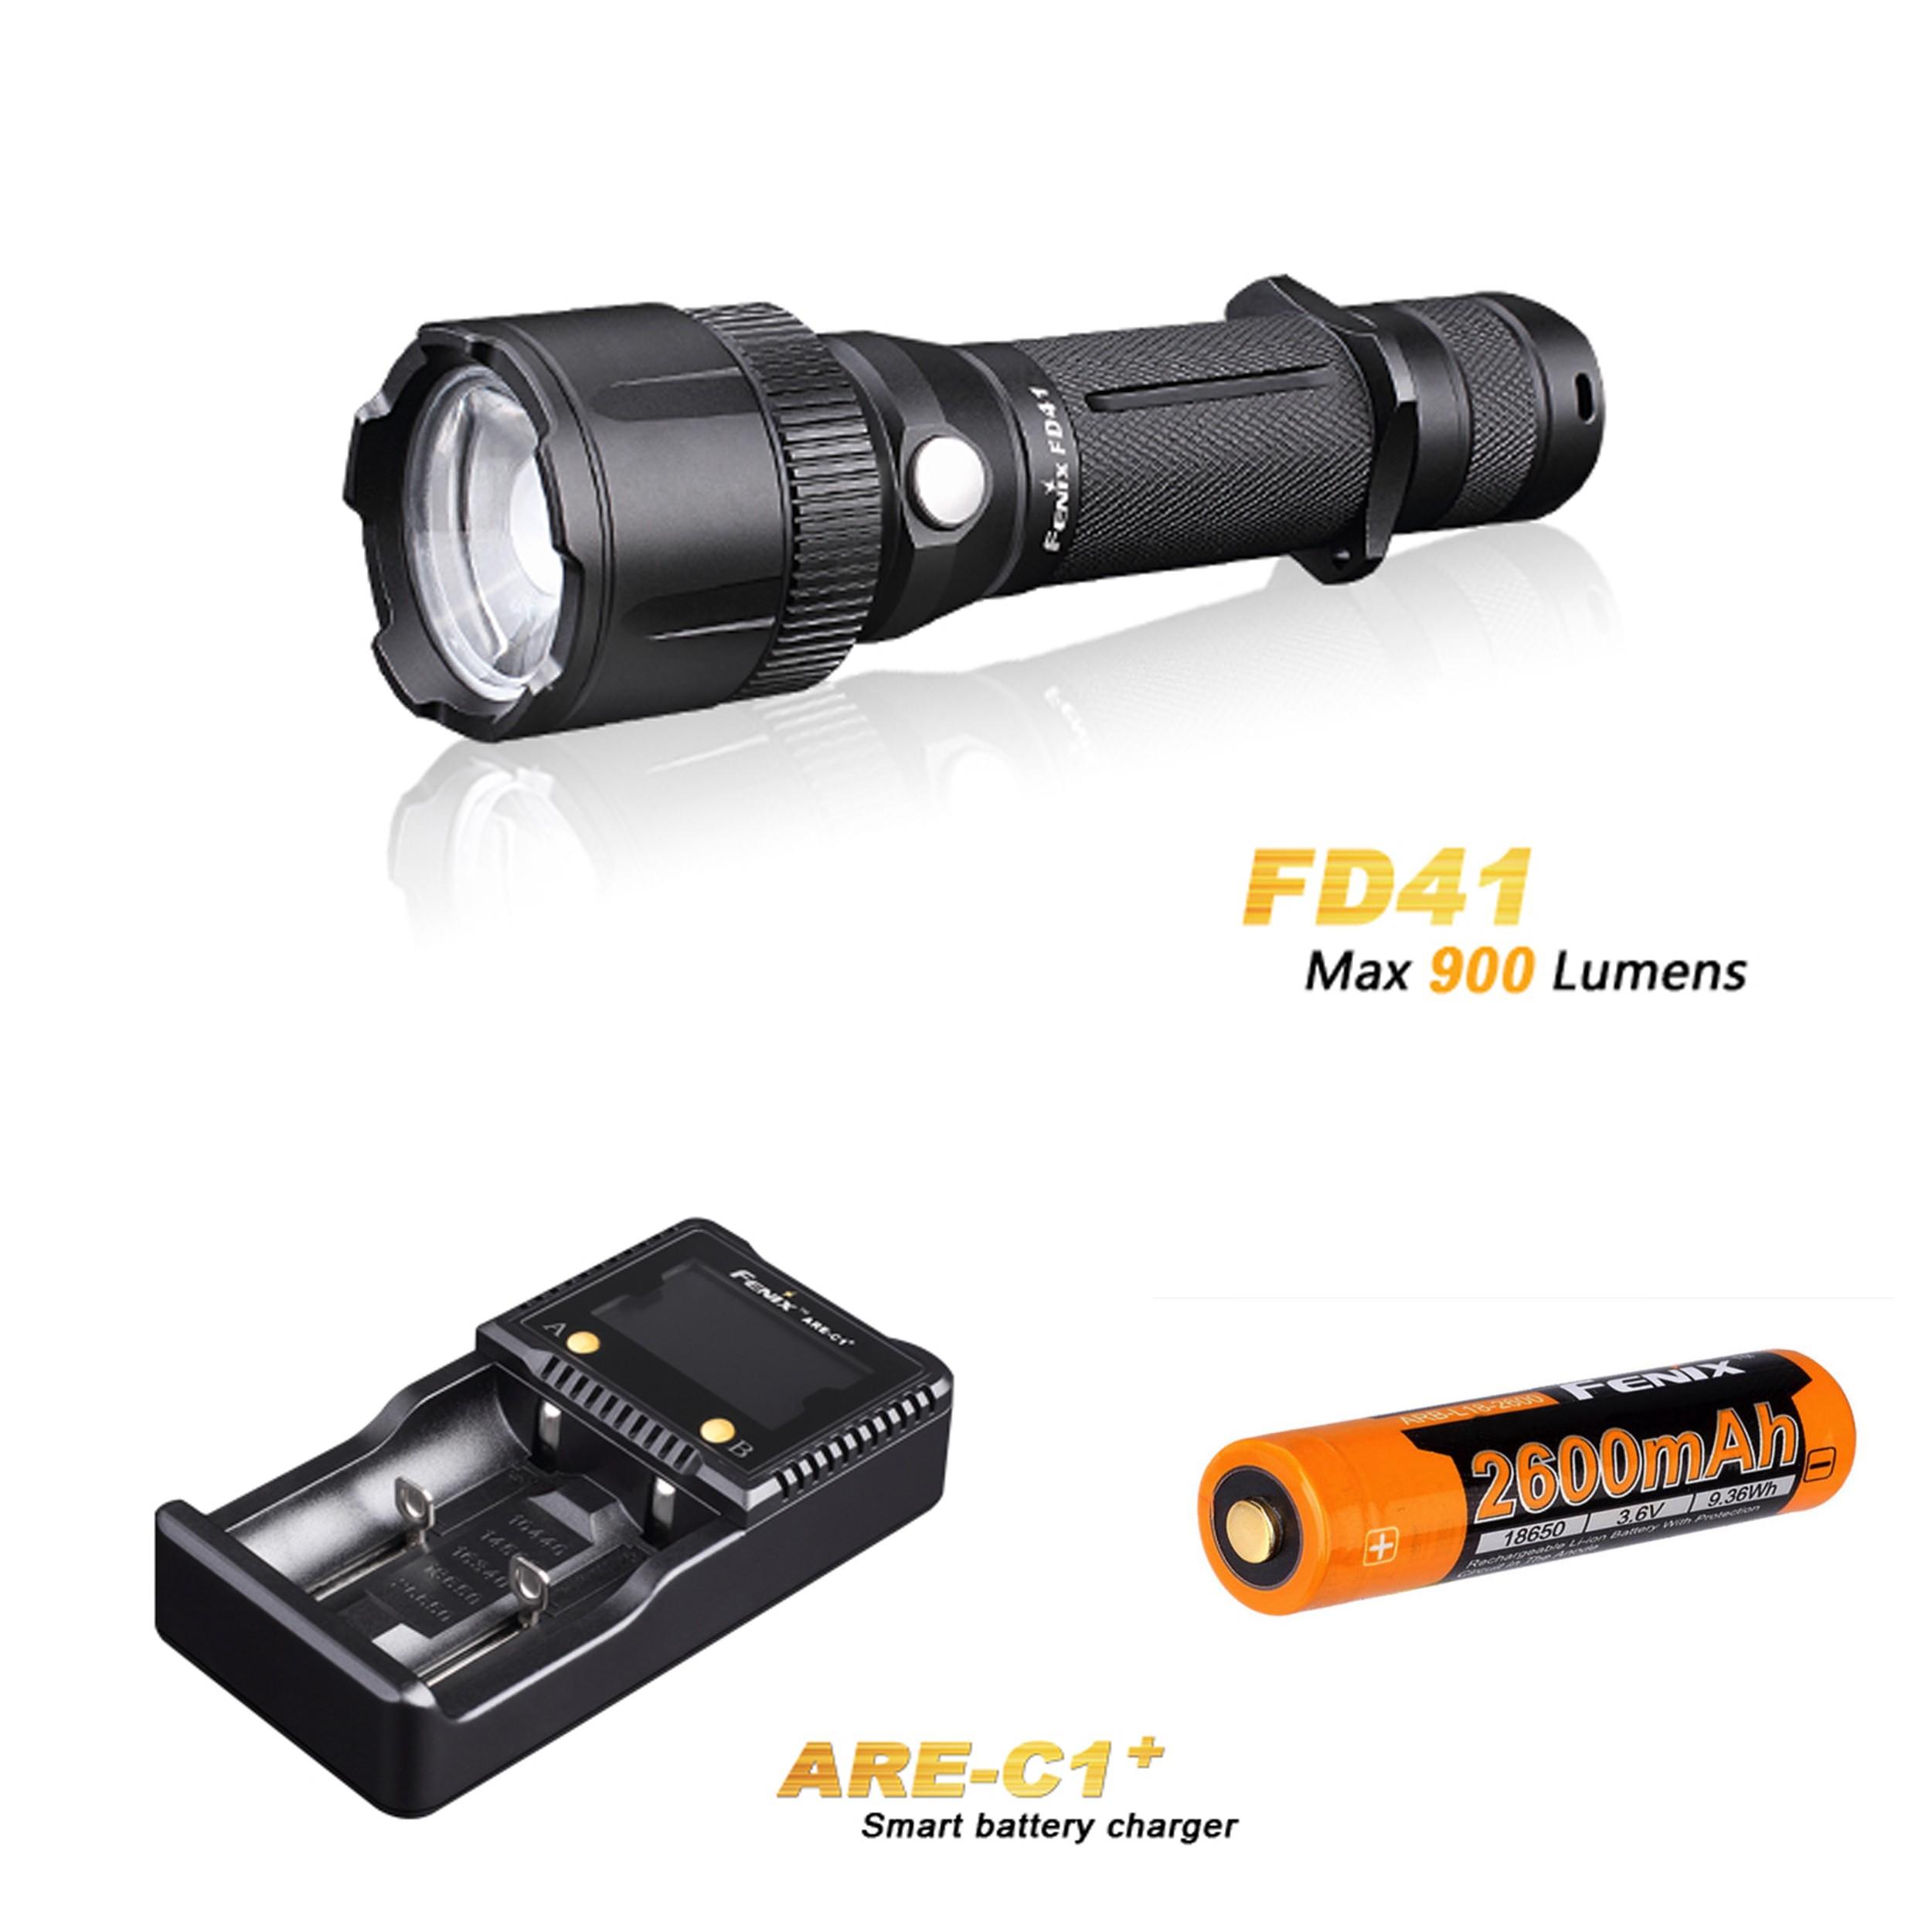 Pack Fenix FD41 - Faisceau réglable - rotation 360° - 900 Lumens